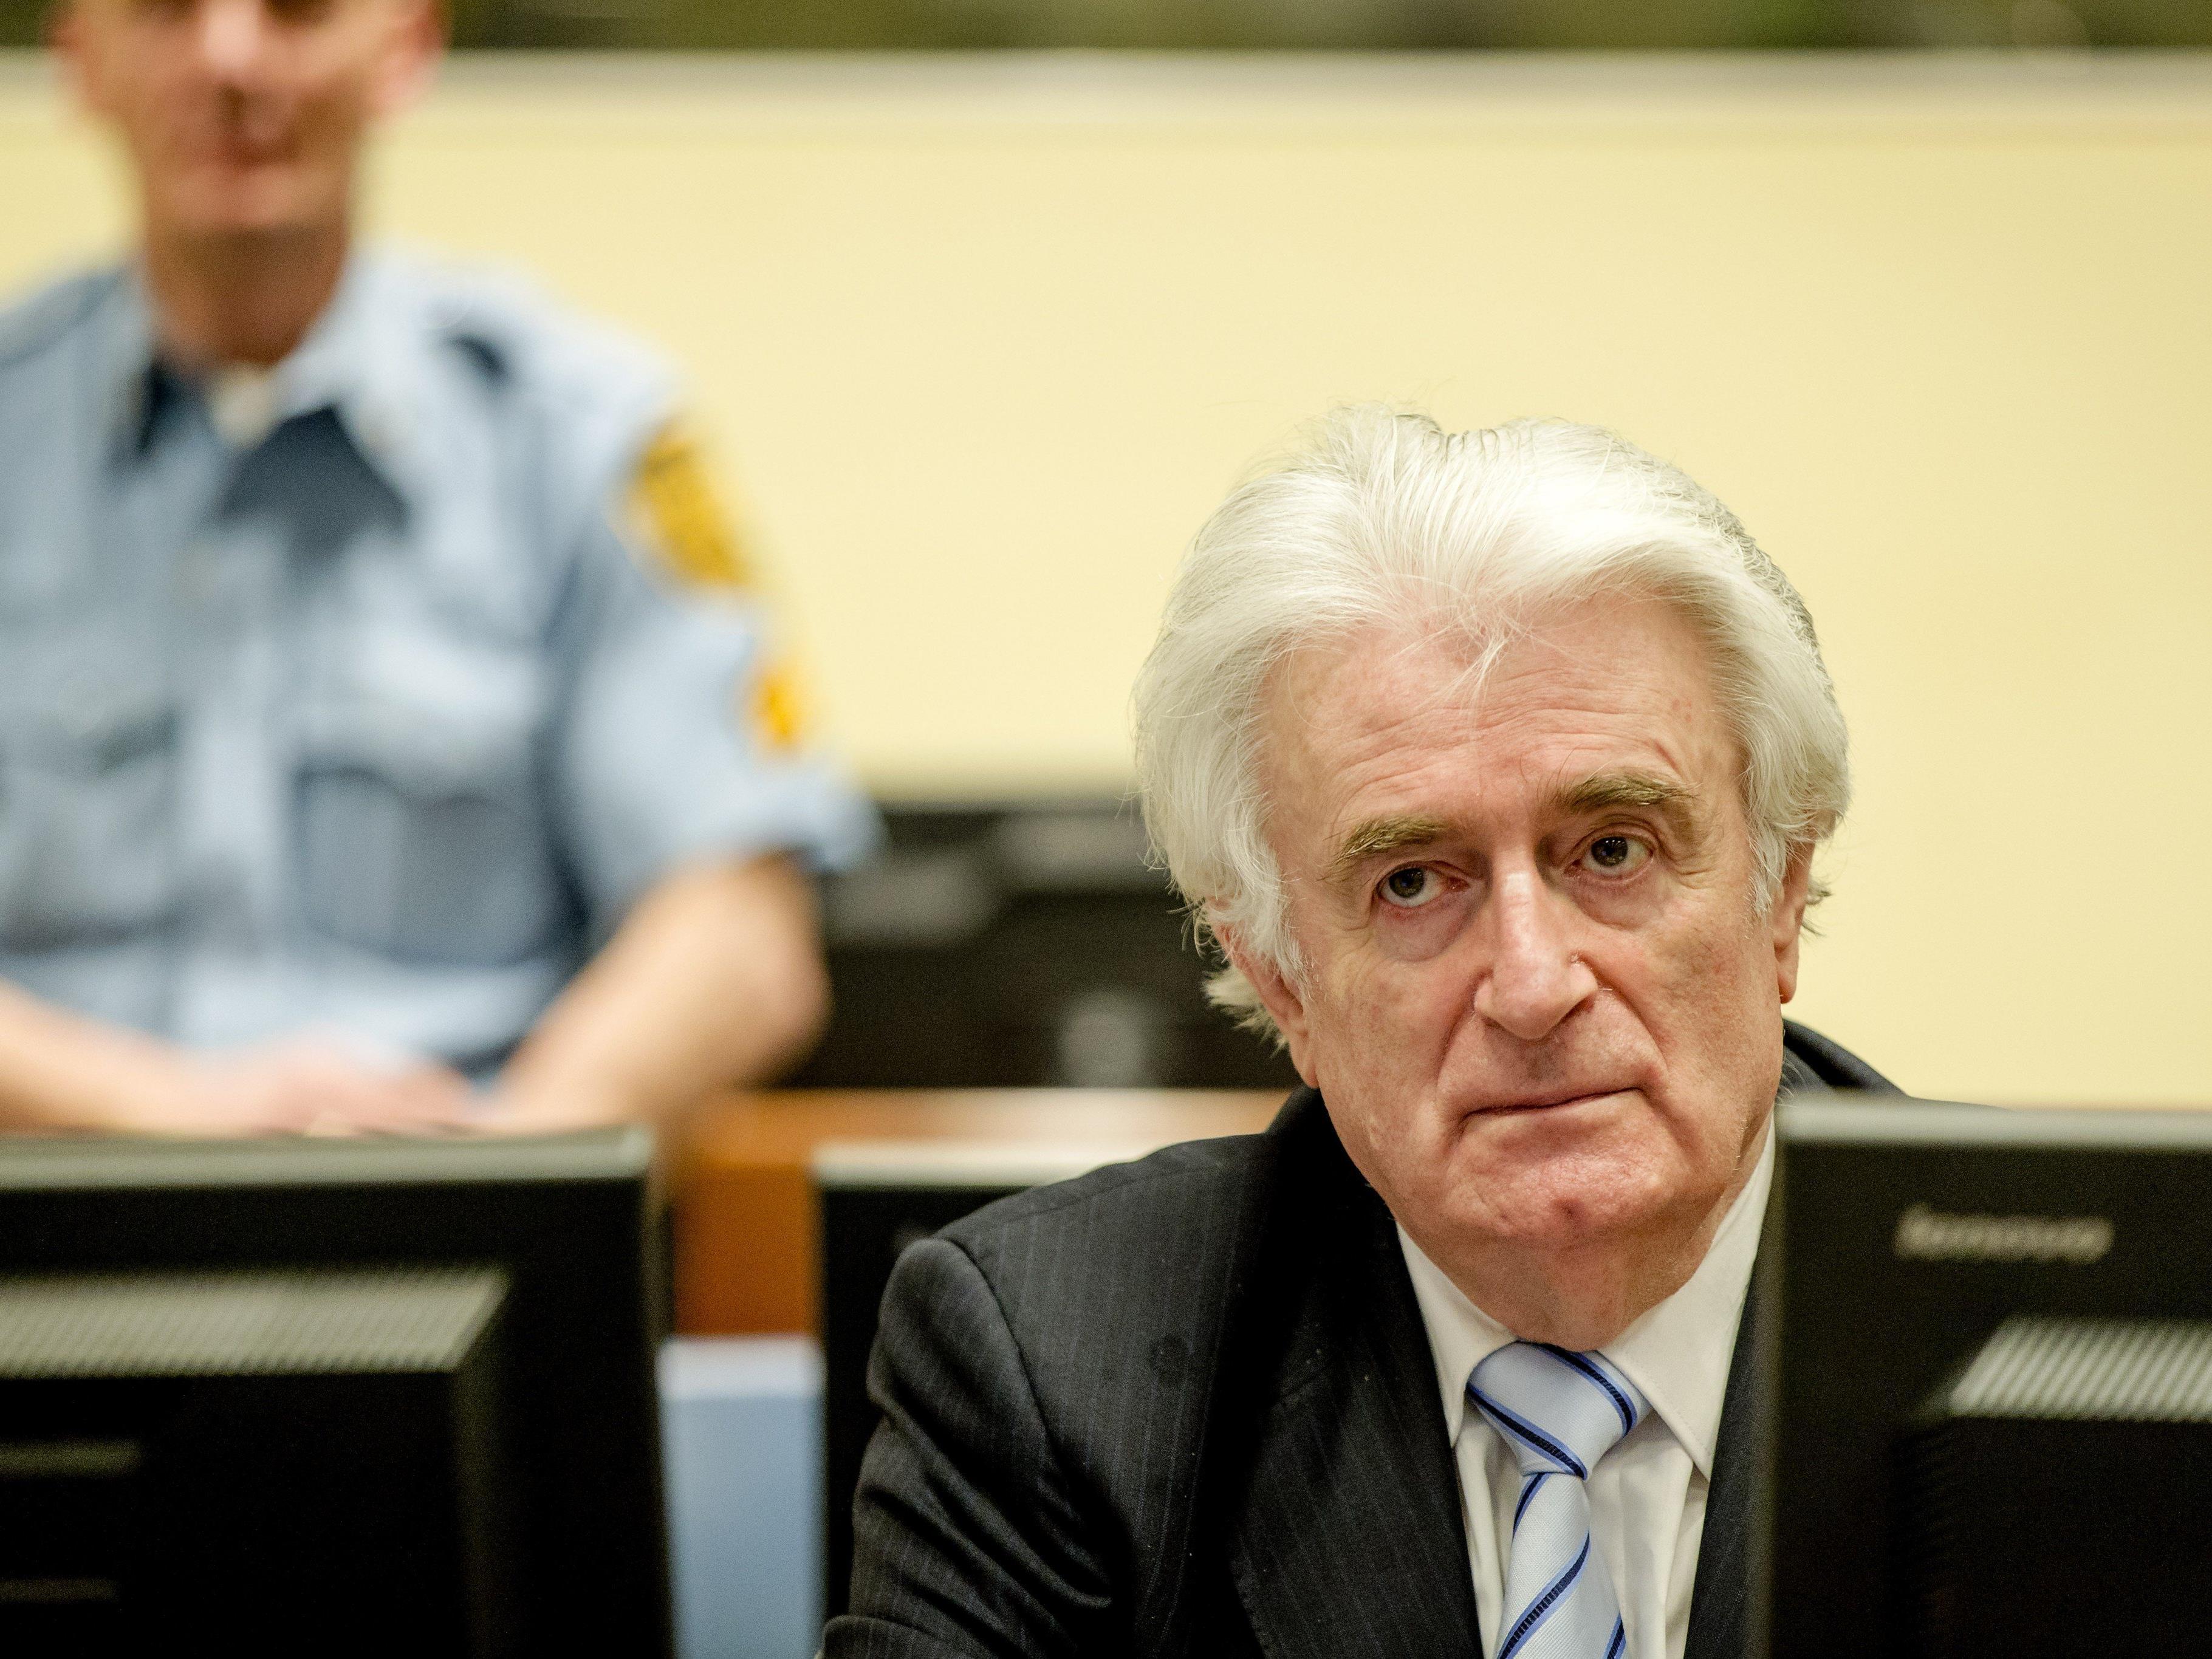 Radovan Karadzic wurde zu 40 Jahren Haft verurteilt.